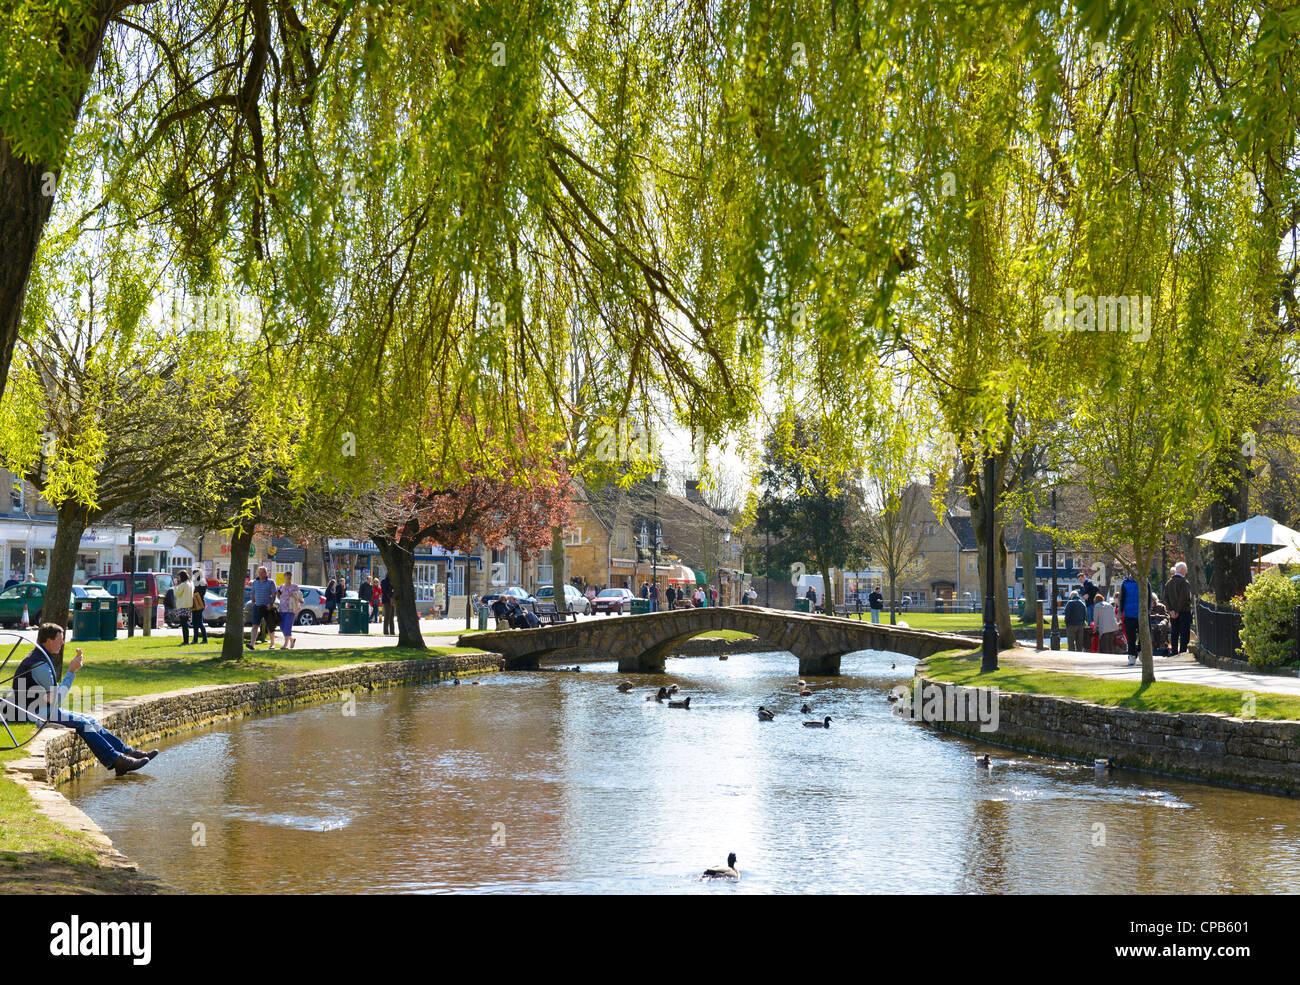 El pueblo de Bourton-on-the-agua, Gloucestershire, Inglaterra. Río Windrush. Foto de stock